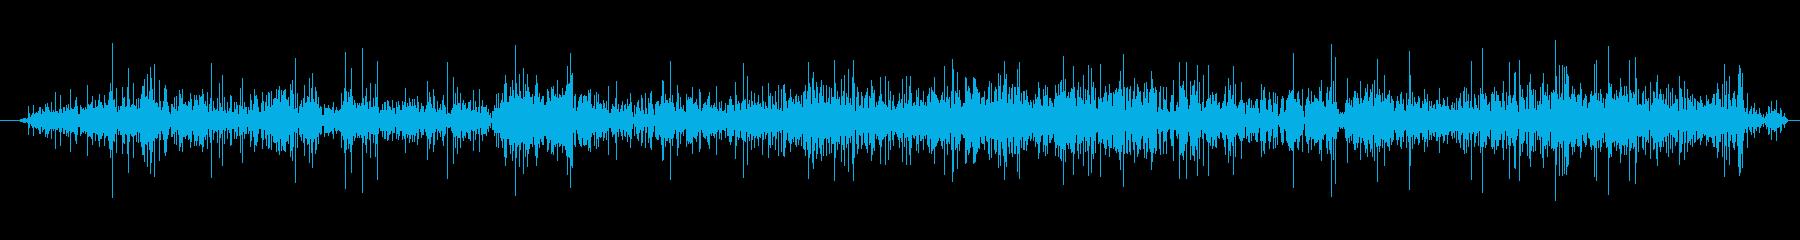 ビニールを手でクシャクシャする音の再生済みの波形